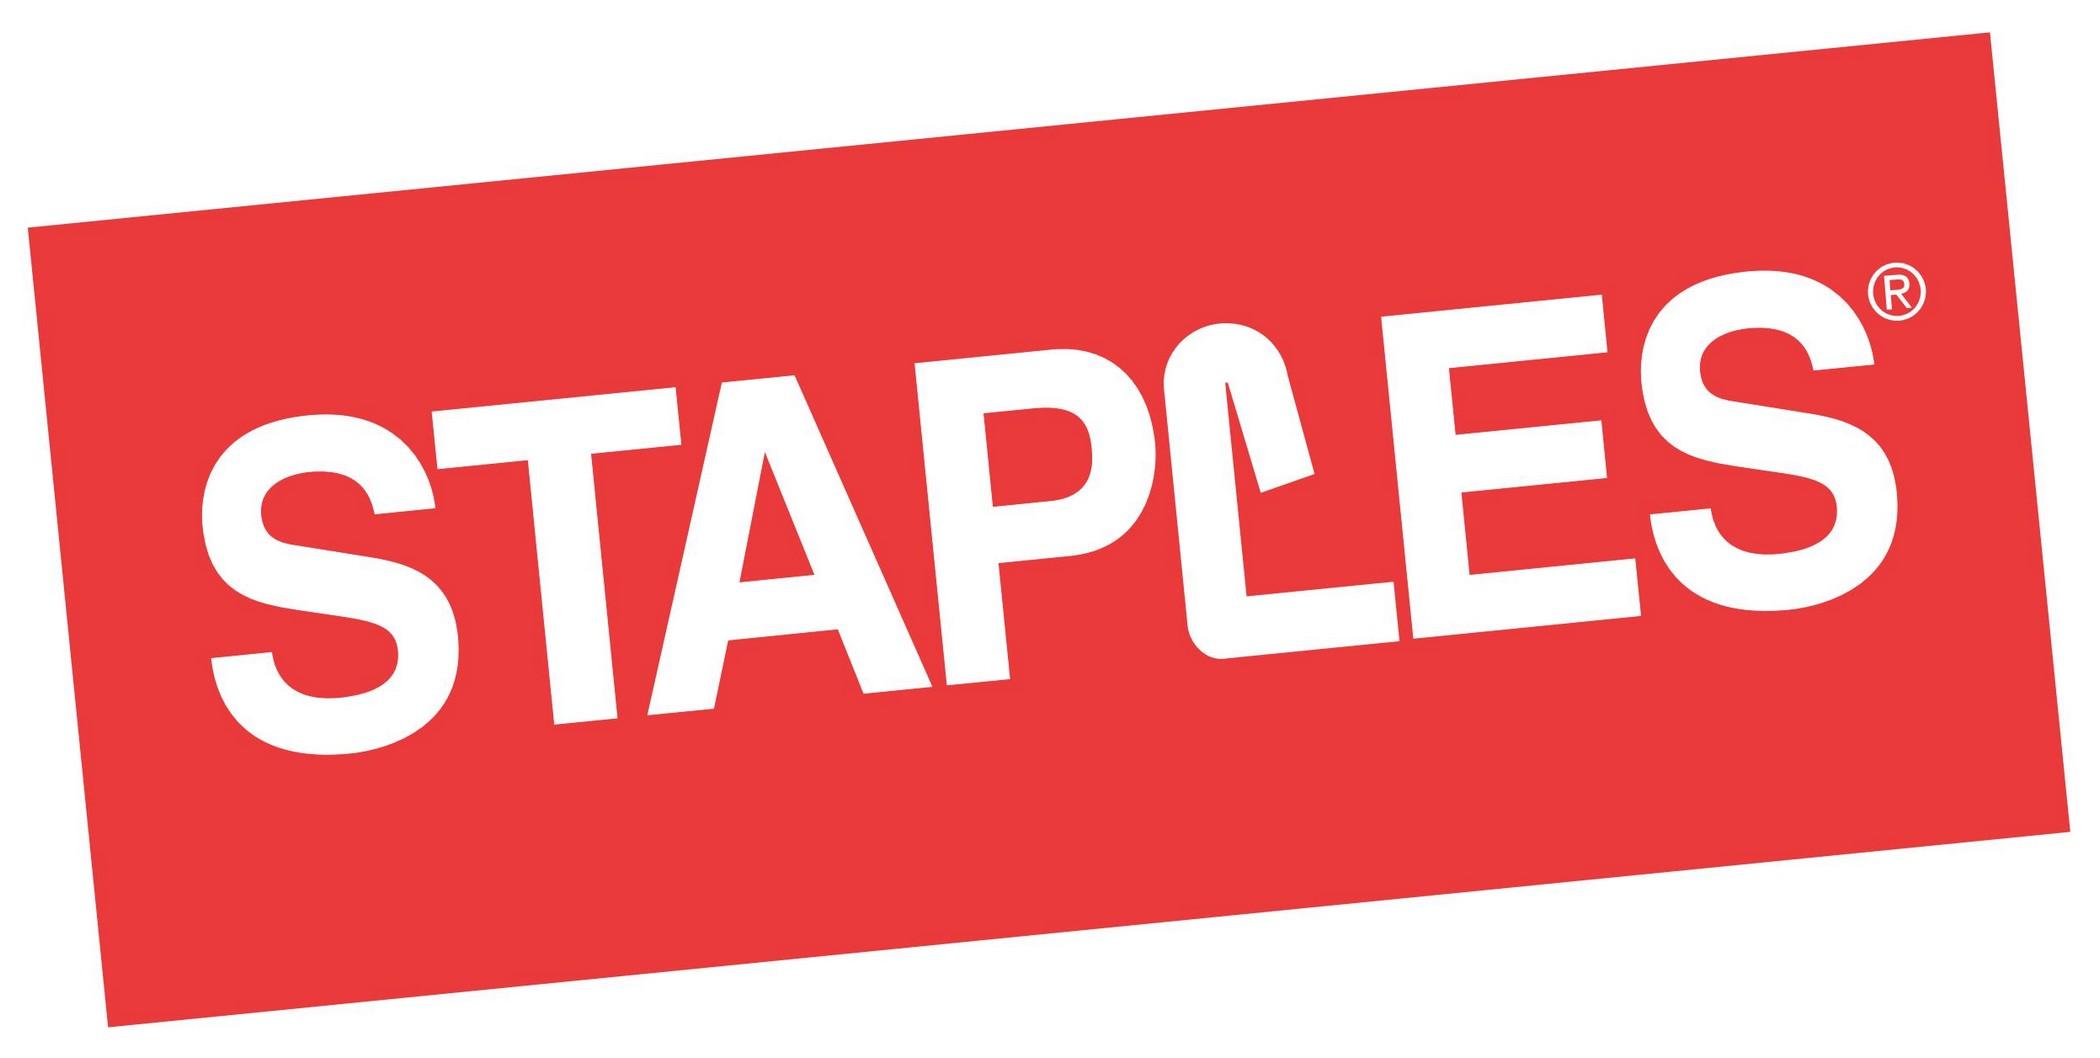 staples-logo.jpg